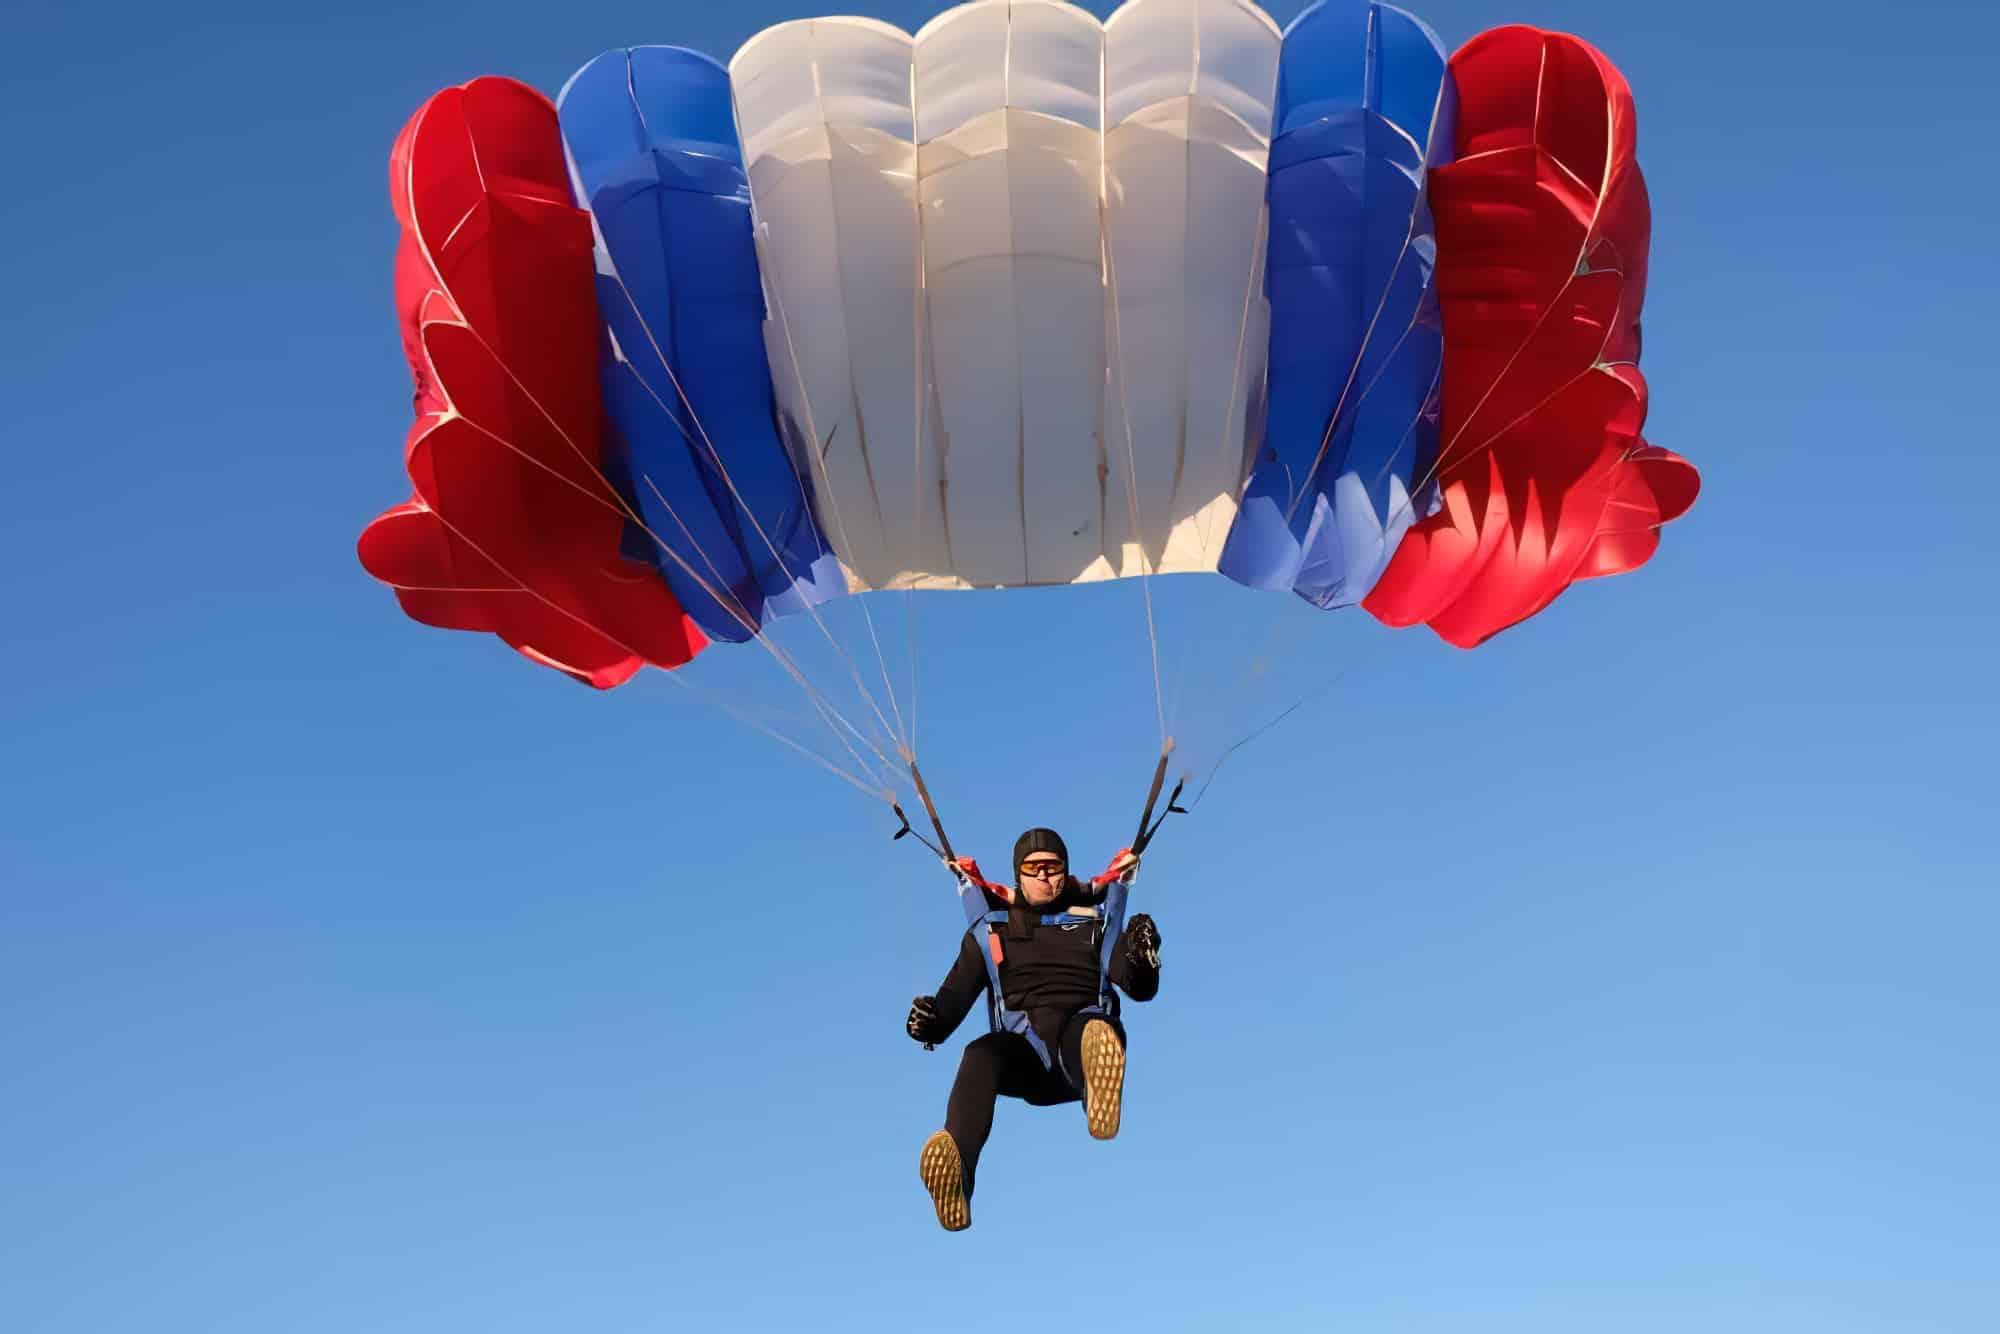 Skydiver contrôle le gros parachute.